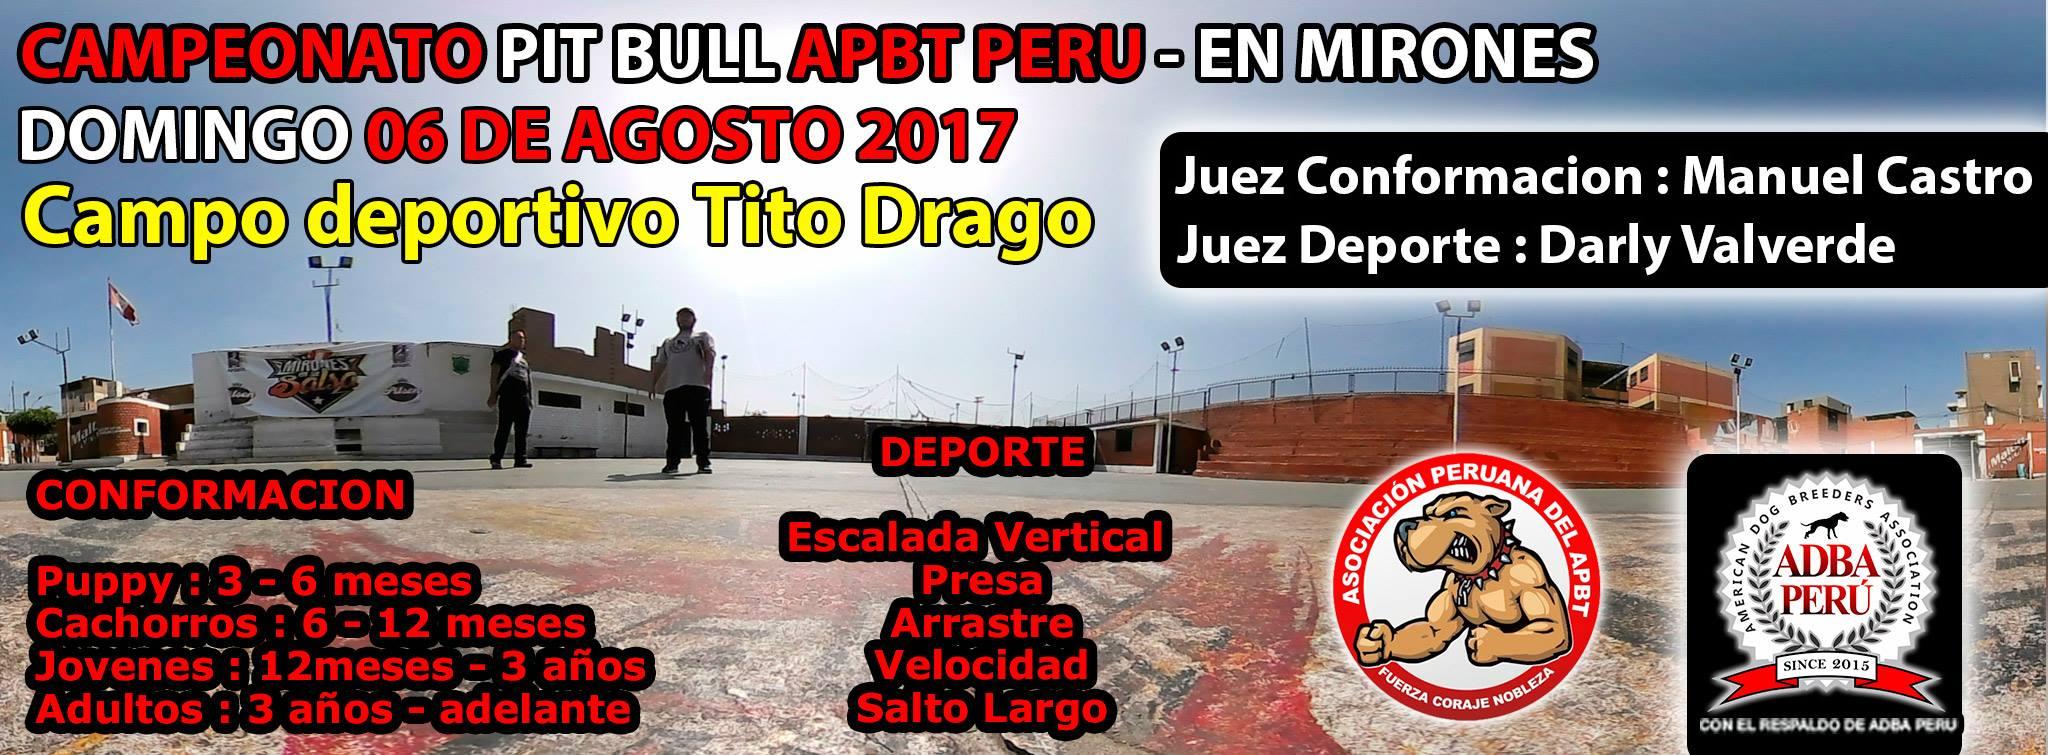 Campeonato Pit Bull Apbt Peru en Mirones